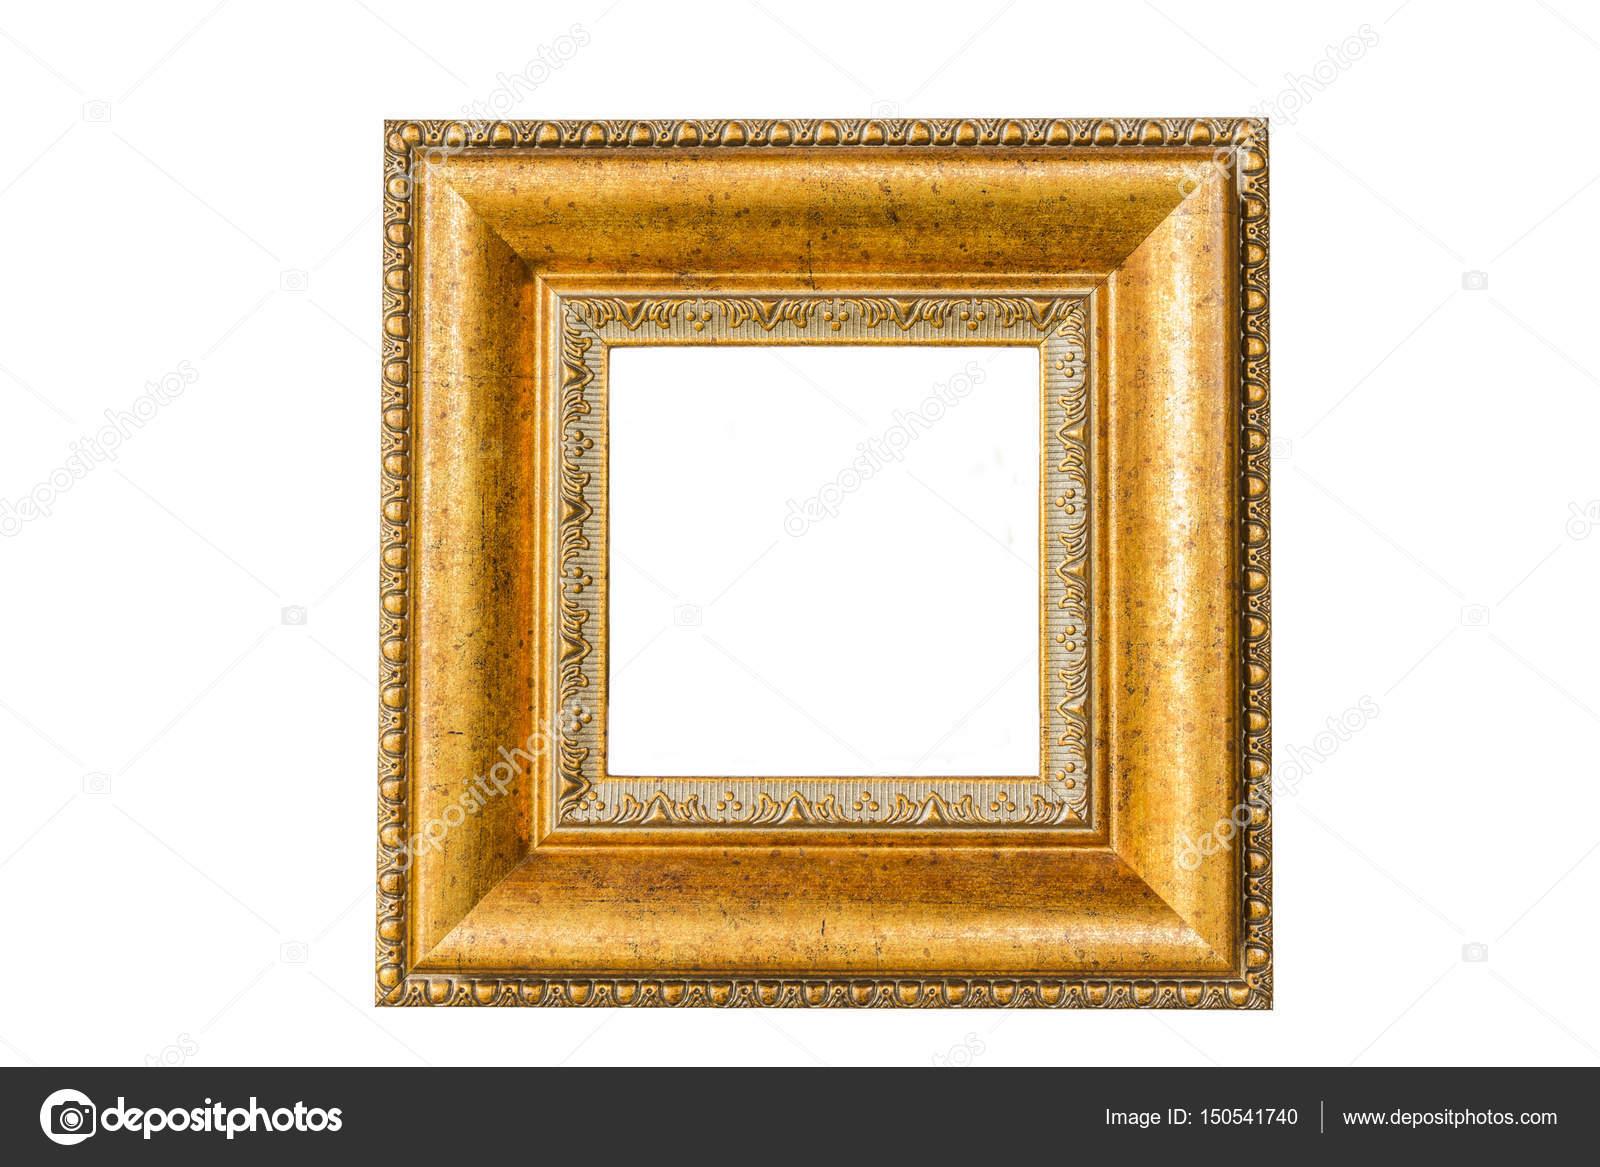 alte bilderrahmen auf wei em hintergrund stockfoto kaewphoto 150541740. Black Bedroom Furniture Sets. Home Design Ideas